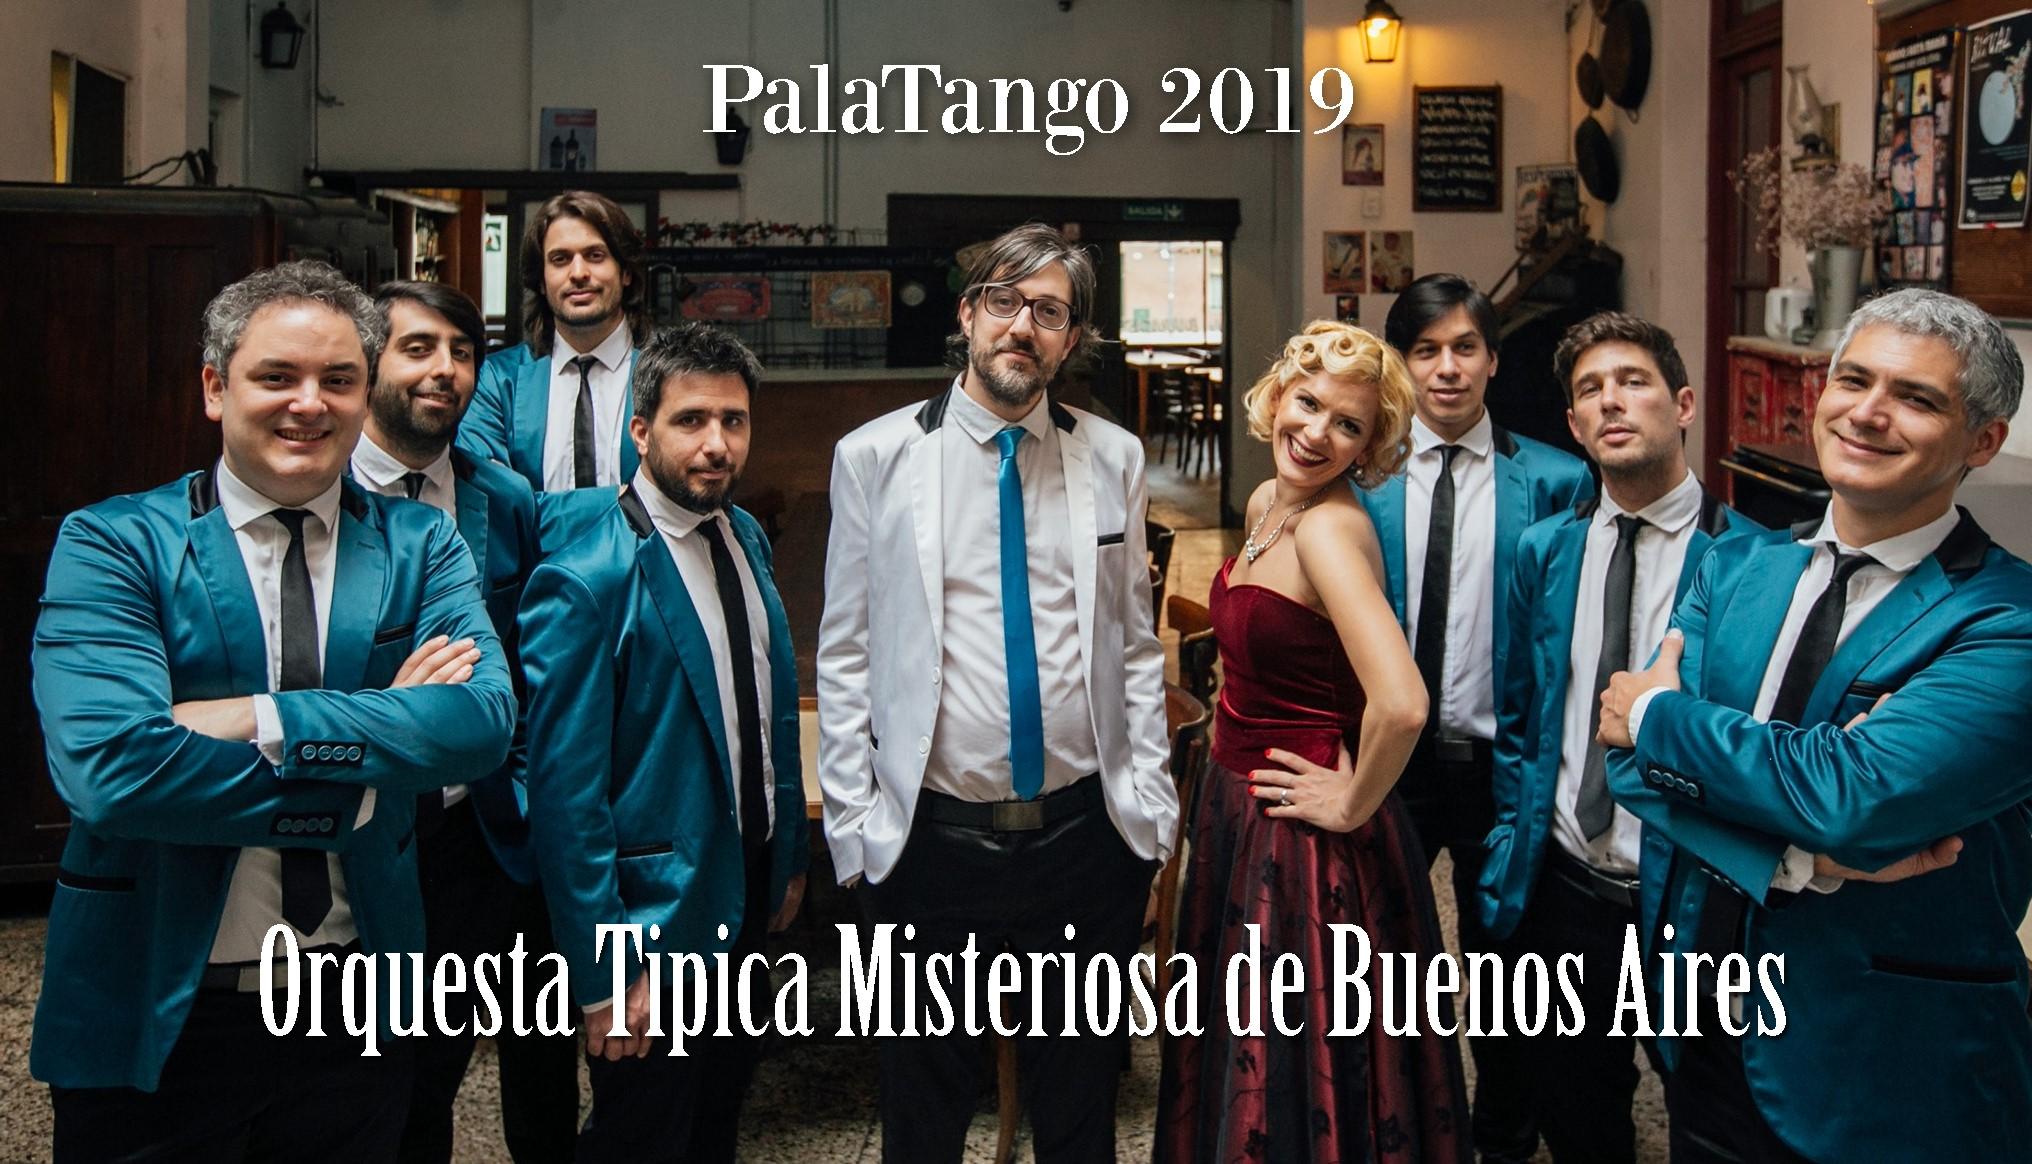 Il 2 agosto al PalaTango serata di milonga con Orquesta Tipica Misteriosa de Buenos Aires live